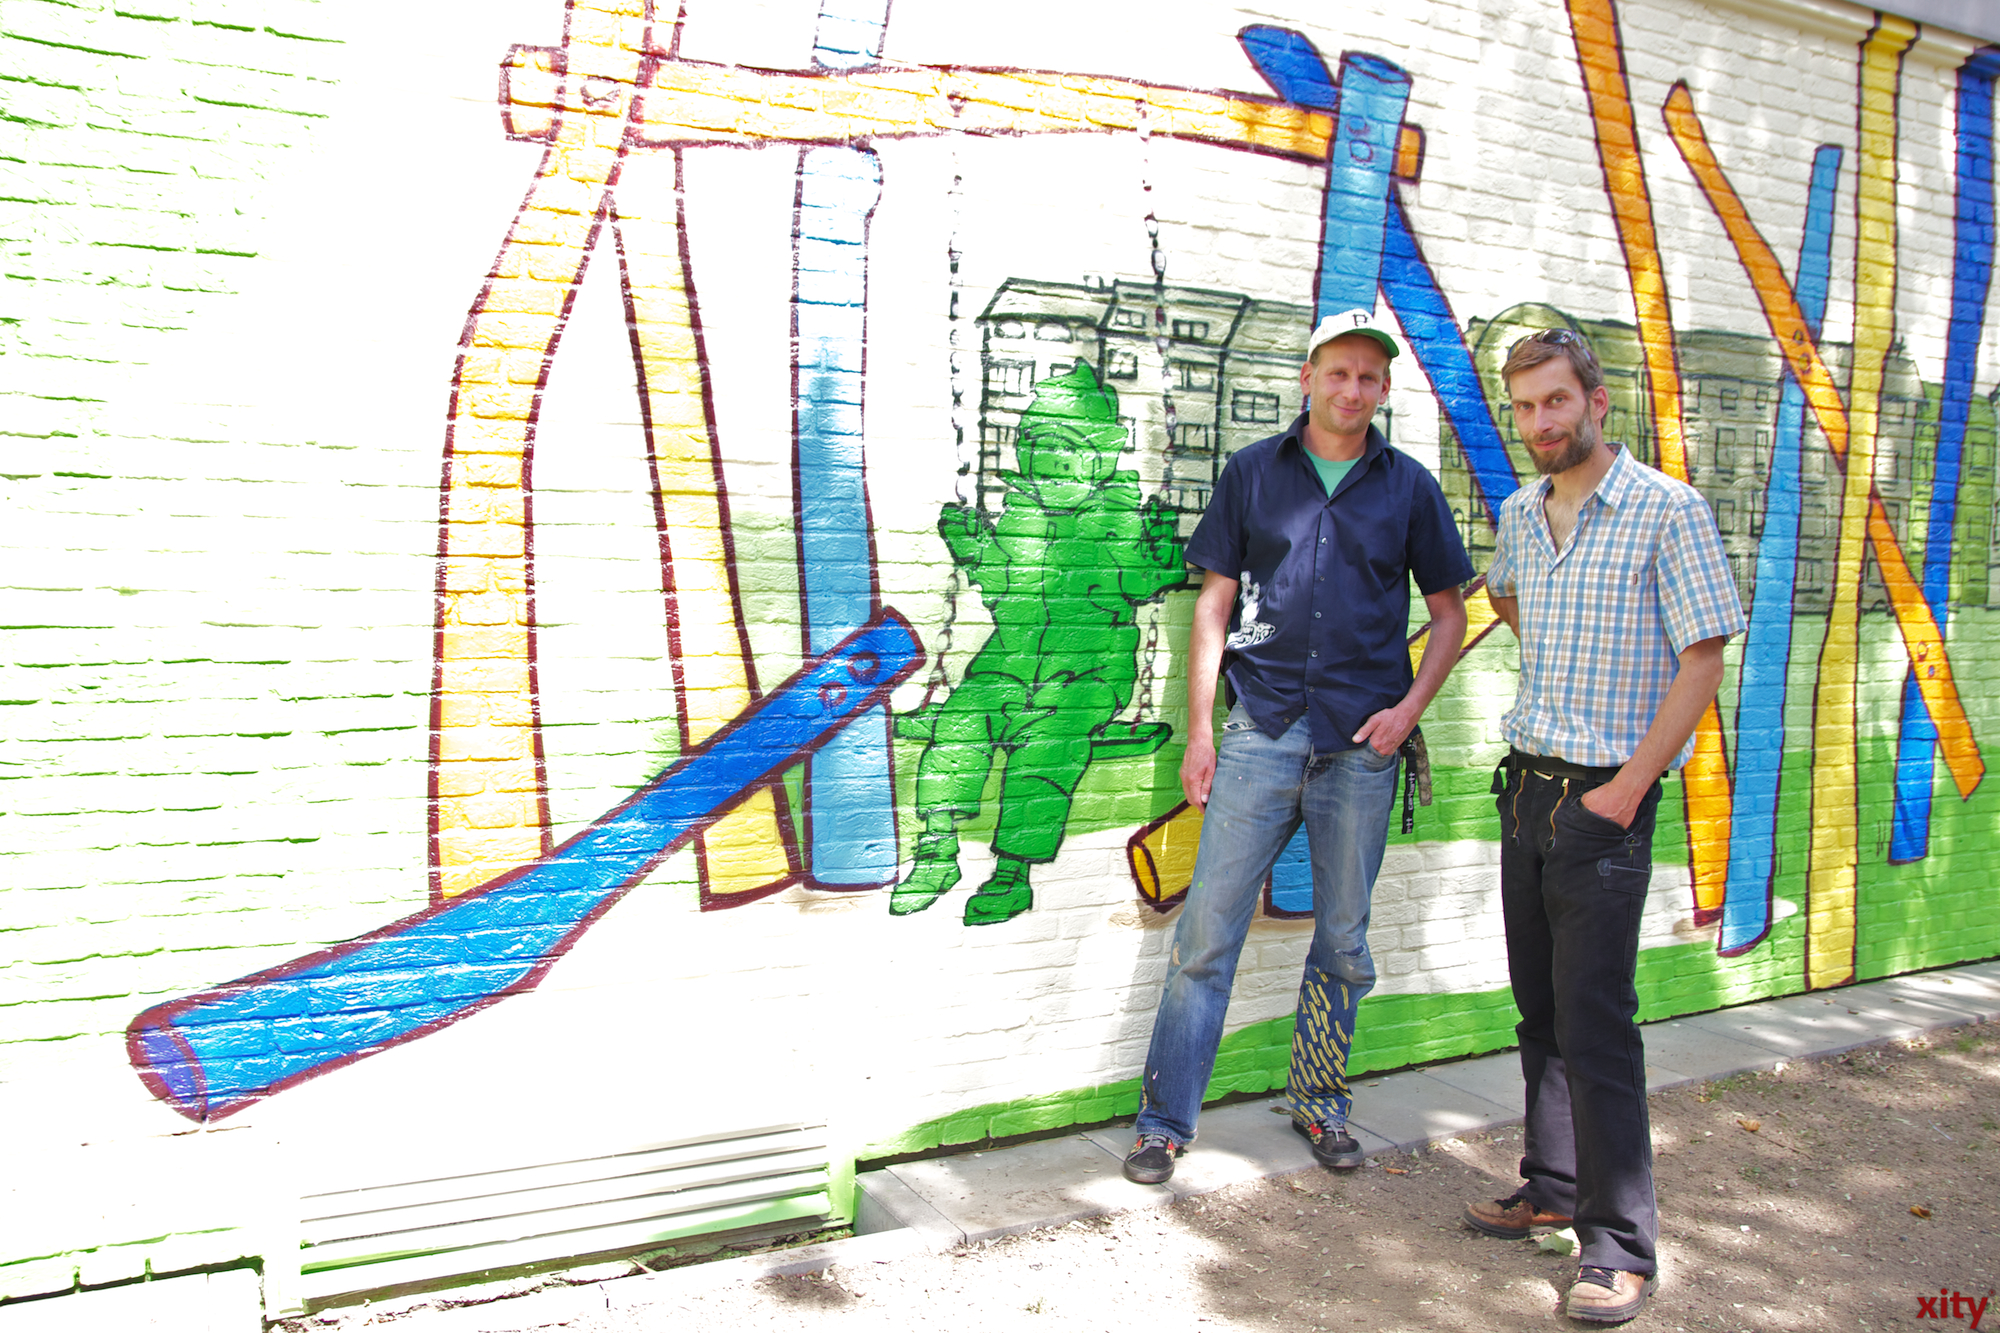 Die Brüder Marc und Joe Hennig gestalteten die angrenzende Trafostation der Stadtwerke so um, dass sie zum Gesamtbild des Spielplatzes passt (Foto: xity)